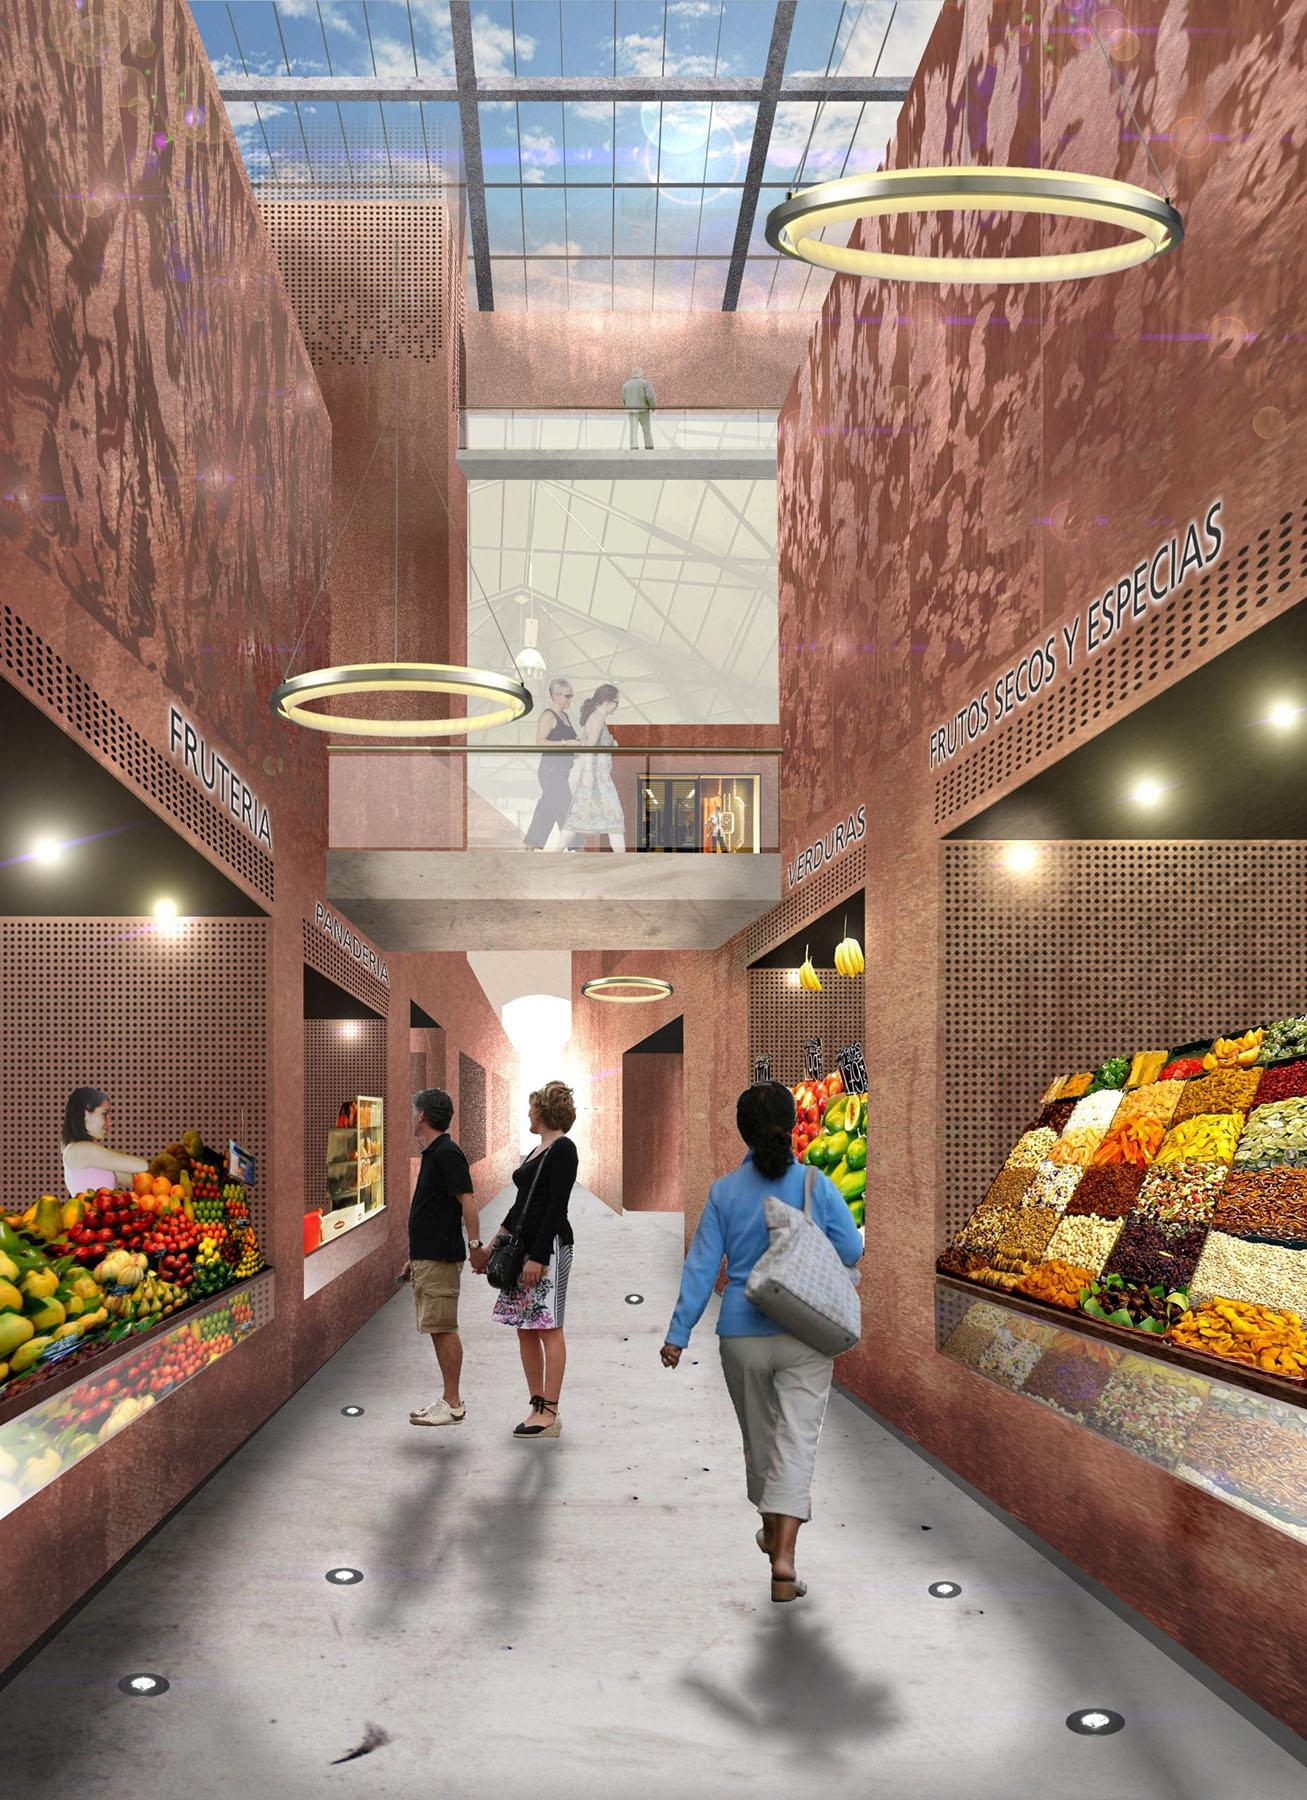 ANTEQUERA_mercado01b